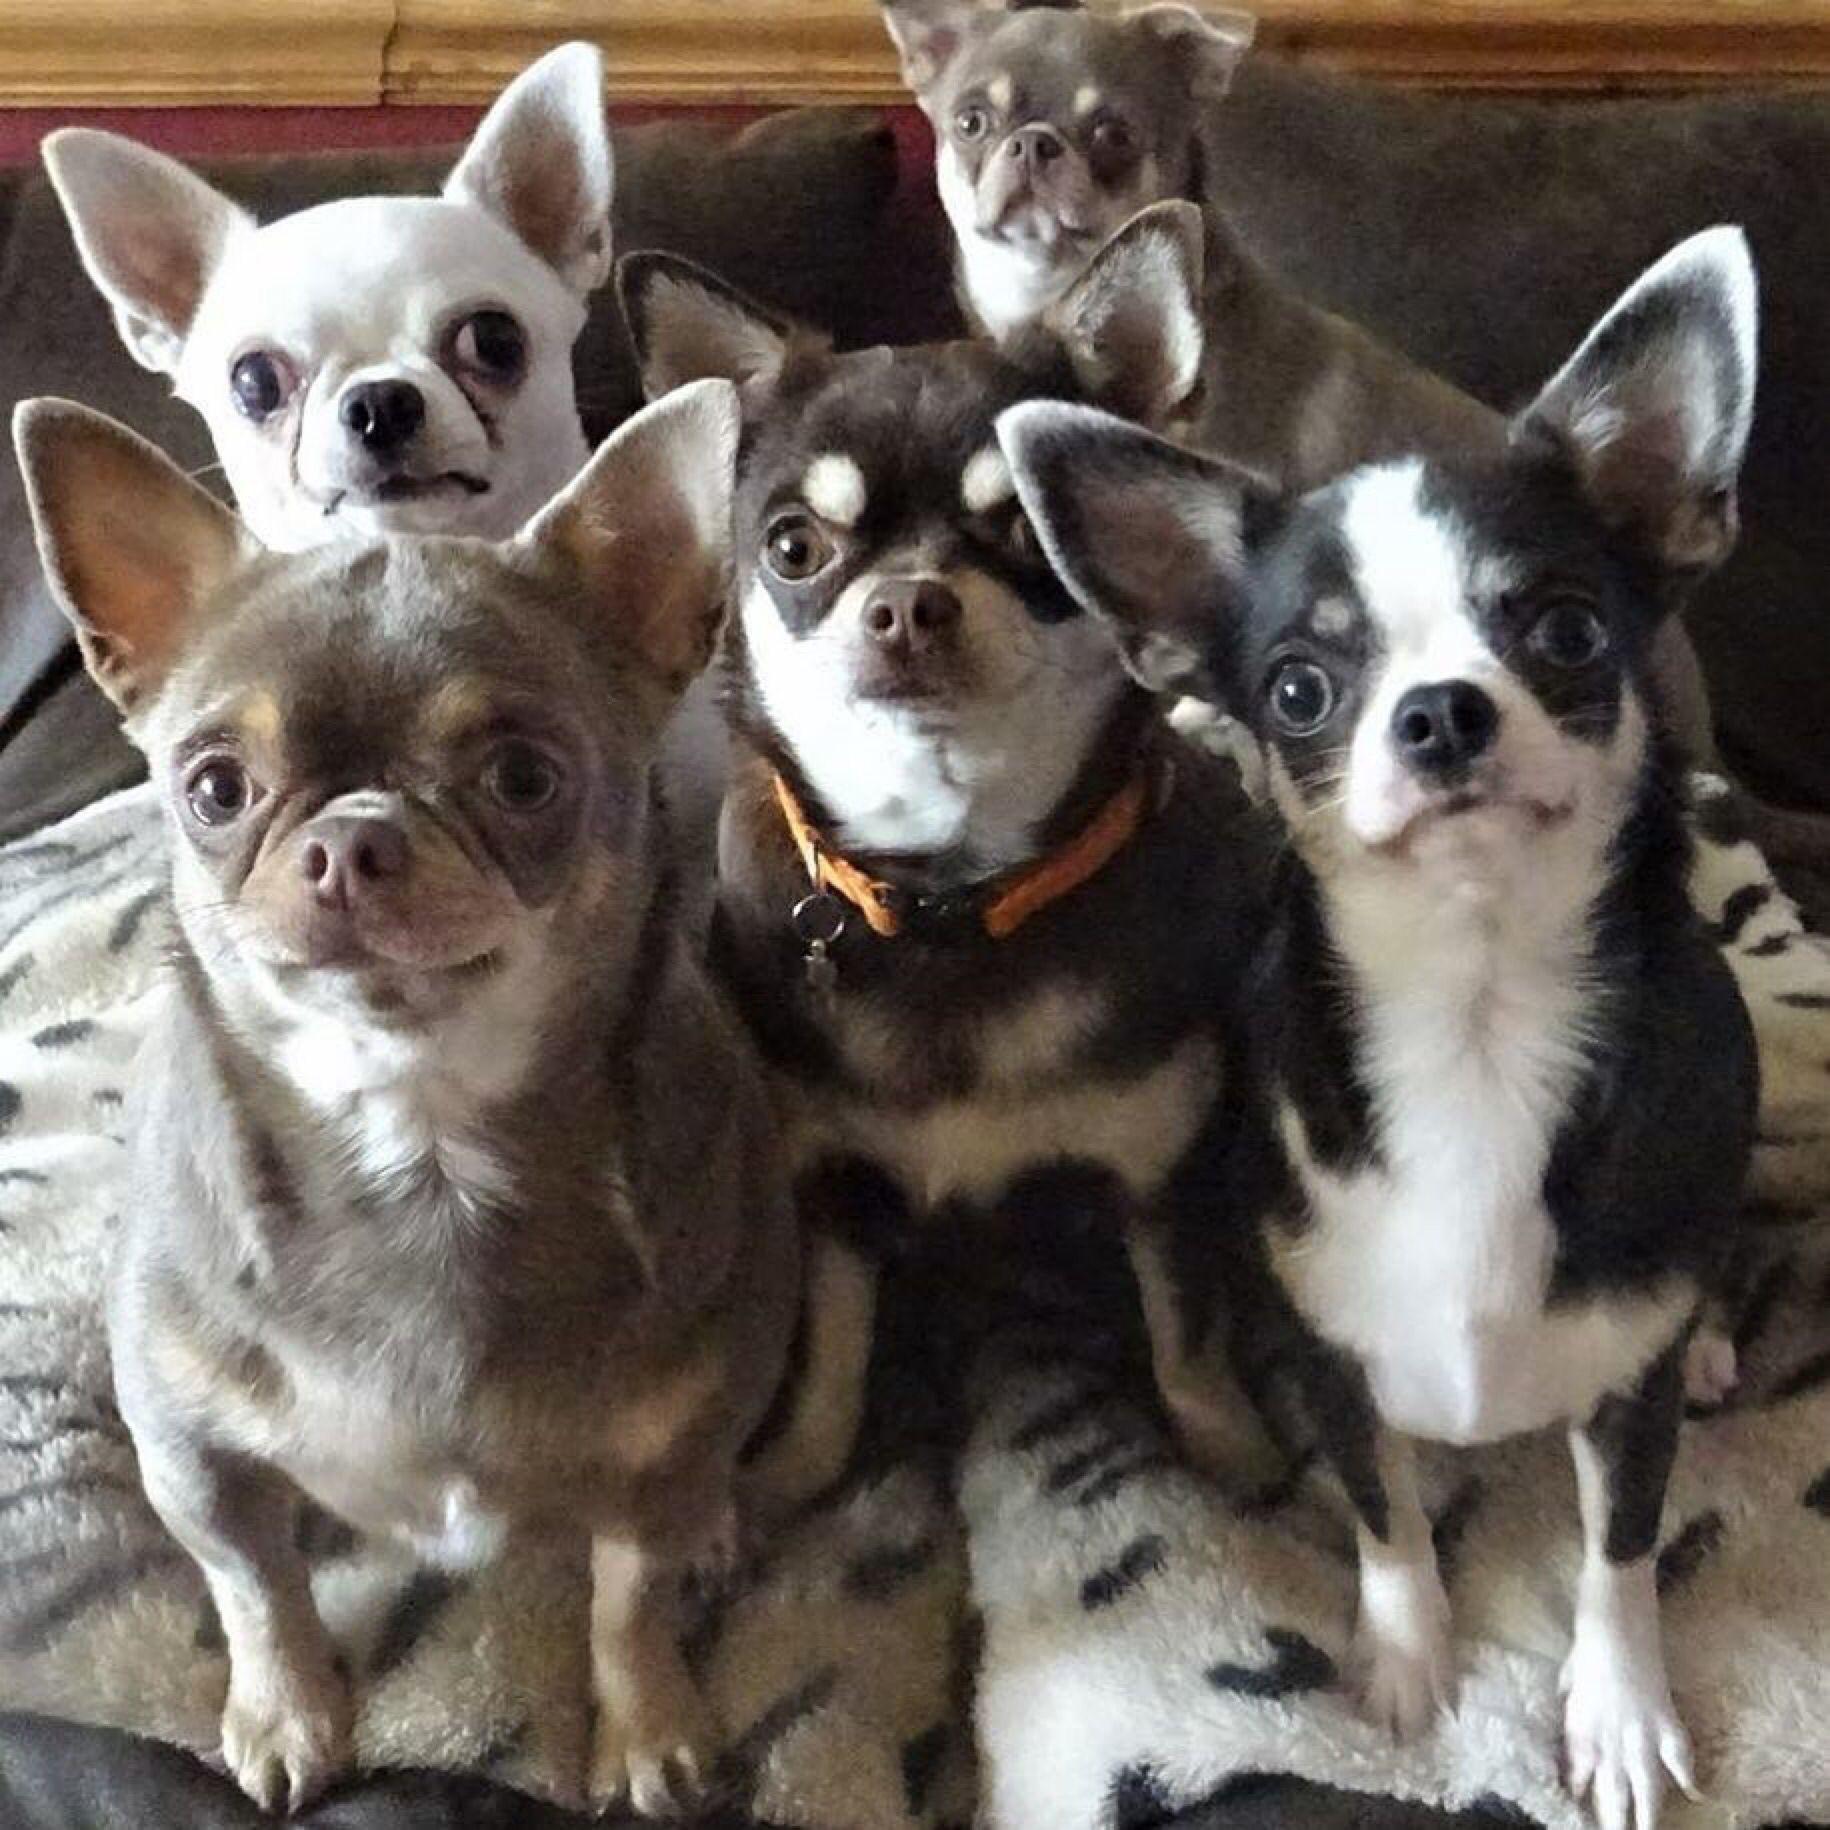 Pin De Leddy Berrios En Perros Mascotas Perros Animales